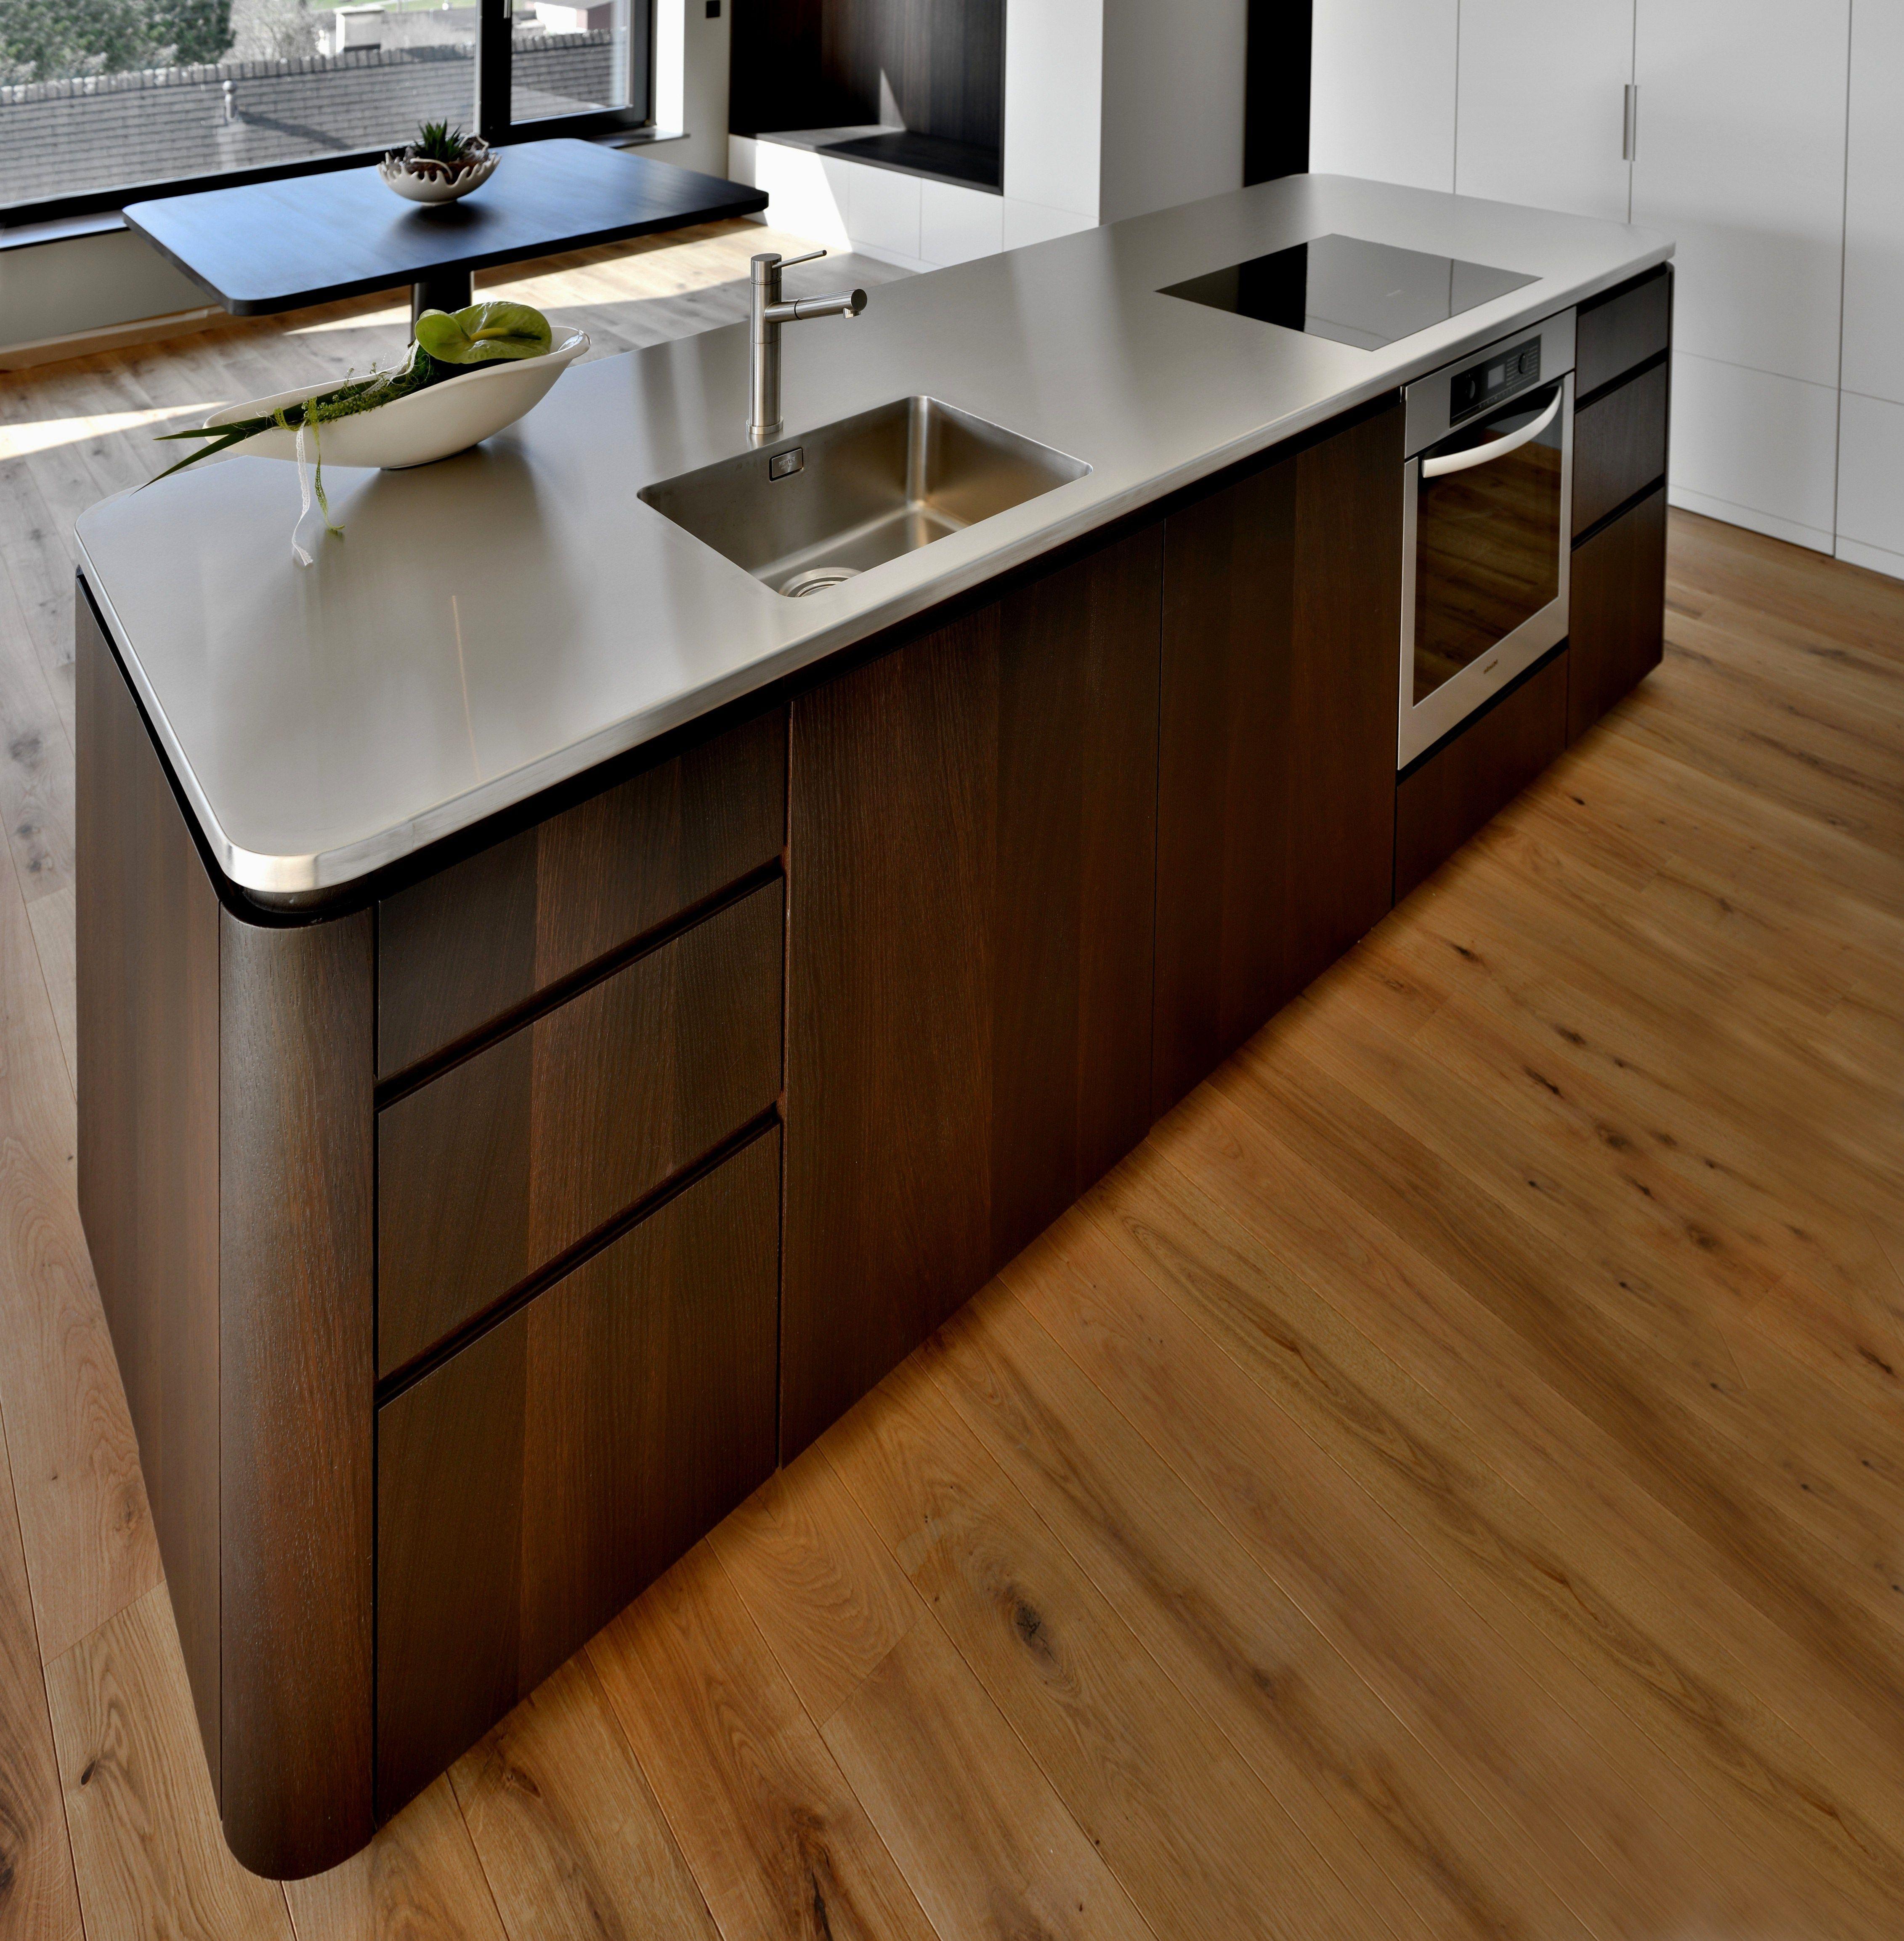 Arbeitsplatte Küche Tiefe 20  Arbeitsplatte küche, Unterschrank